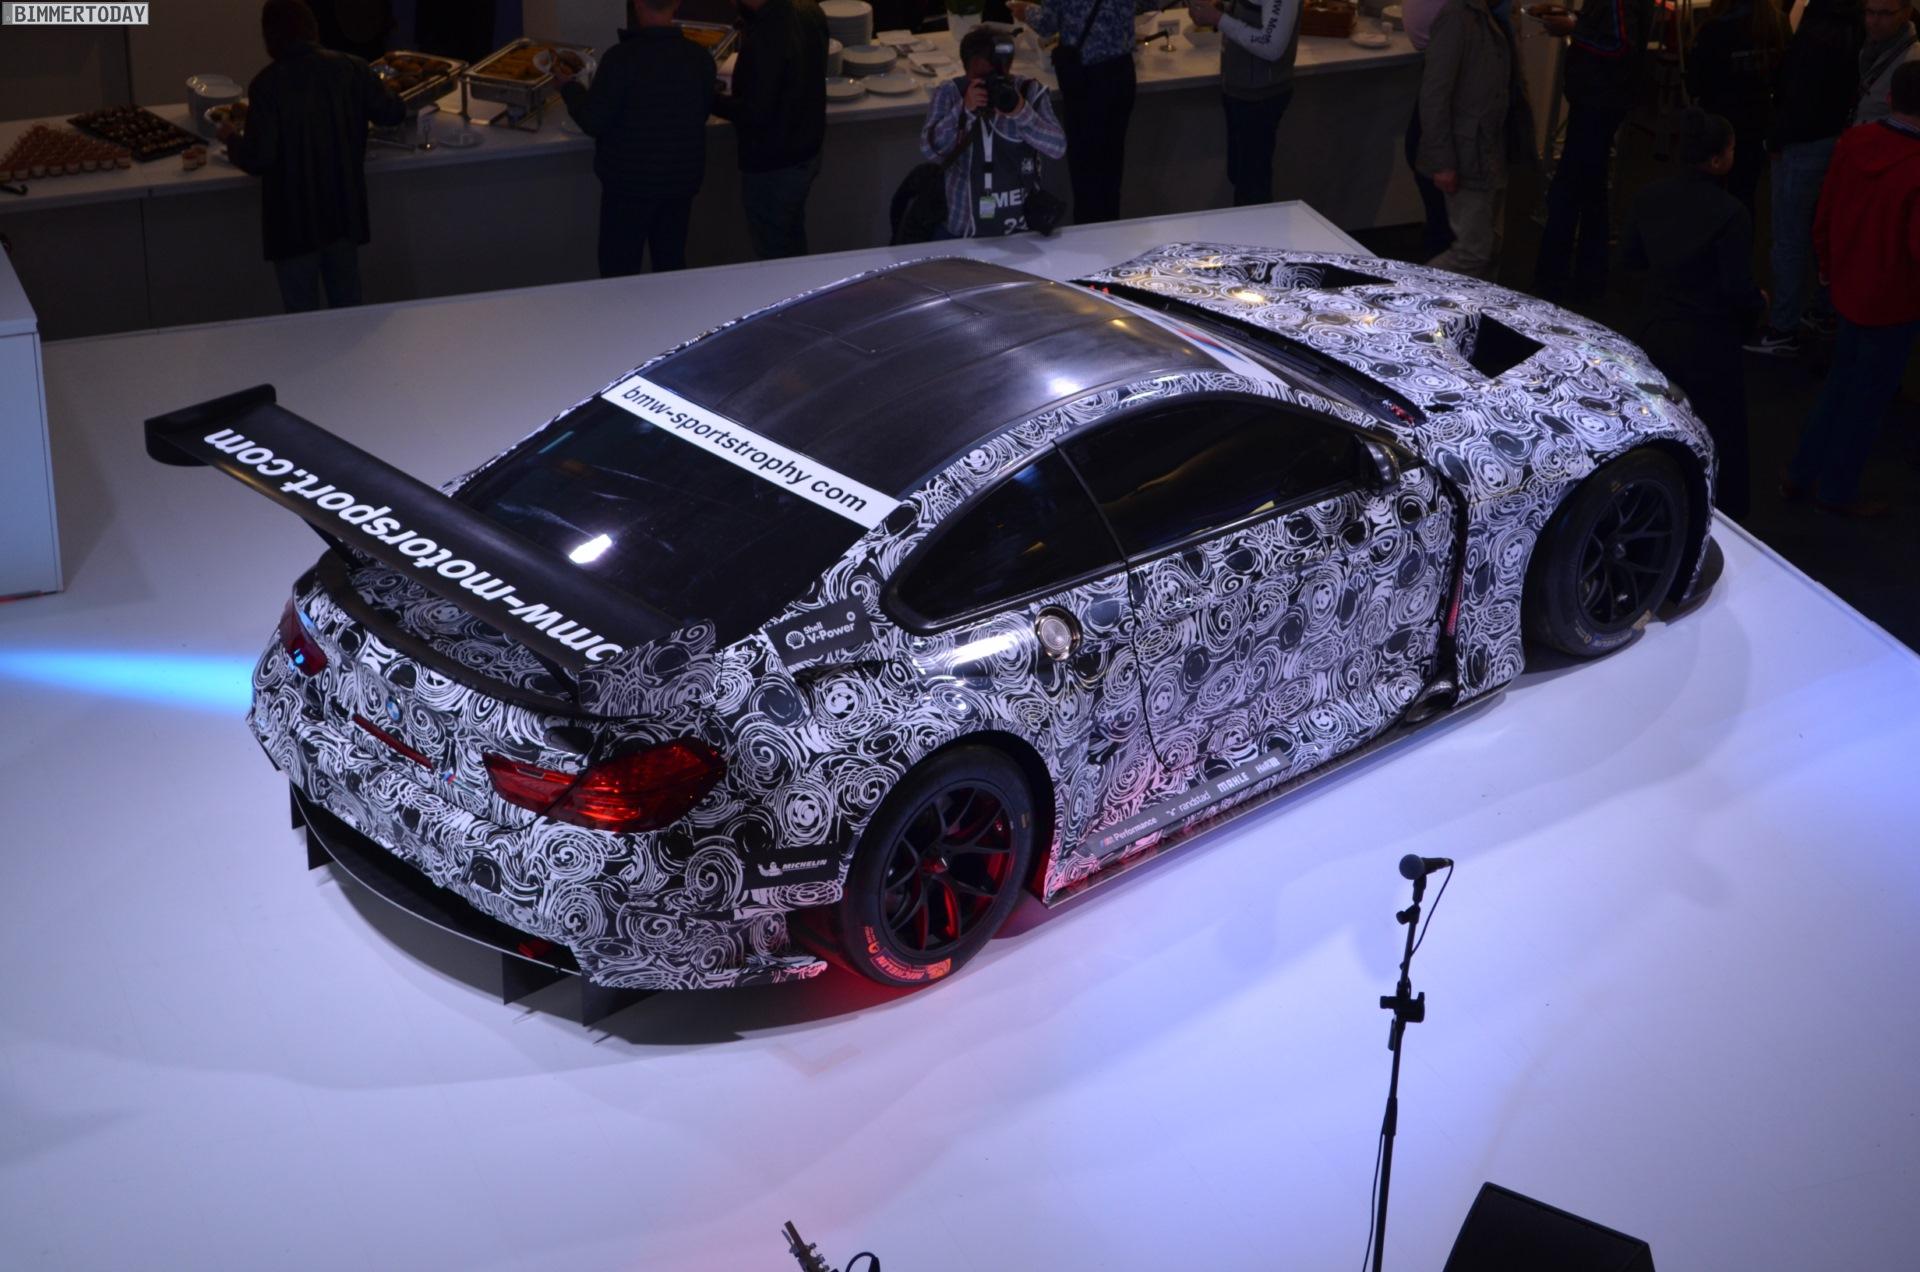 BMW-M6-GT3-2016-Erlkoenig-21.jpg